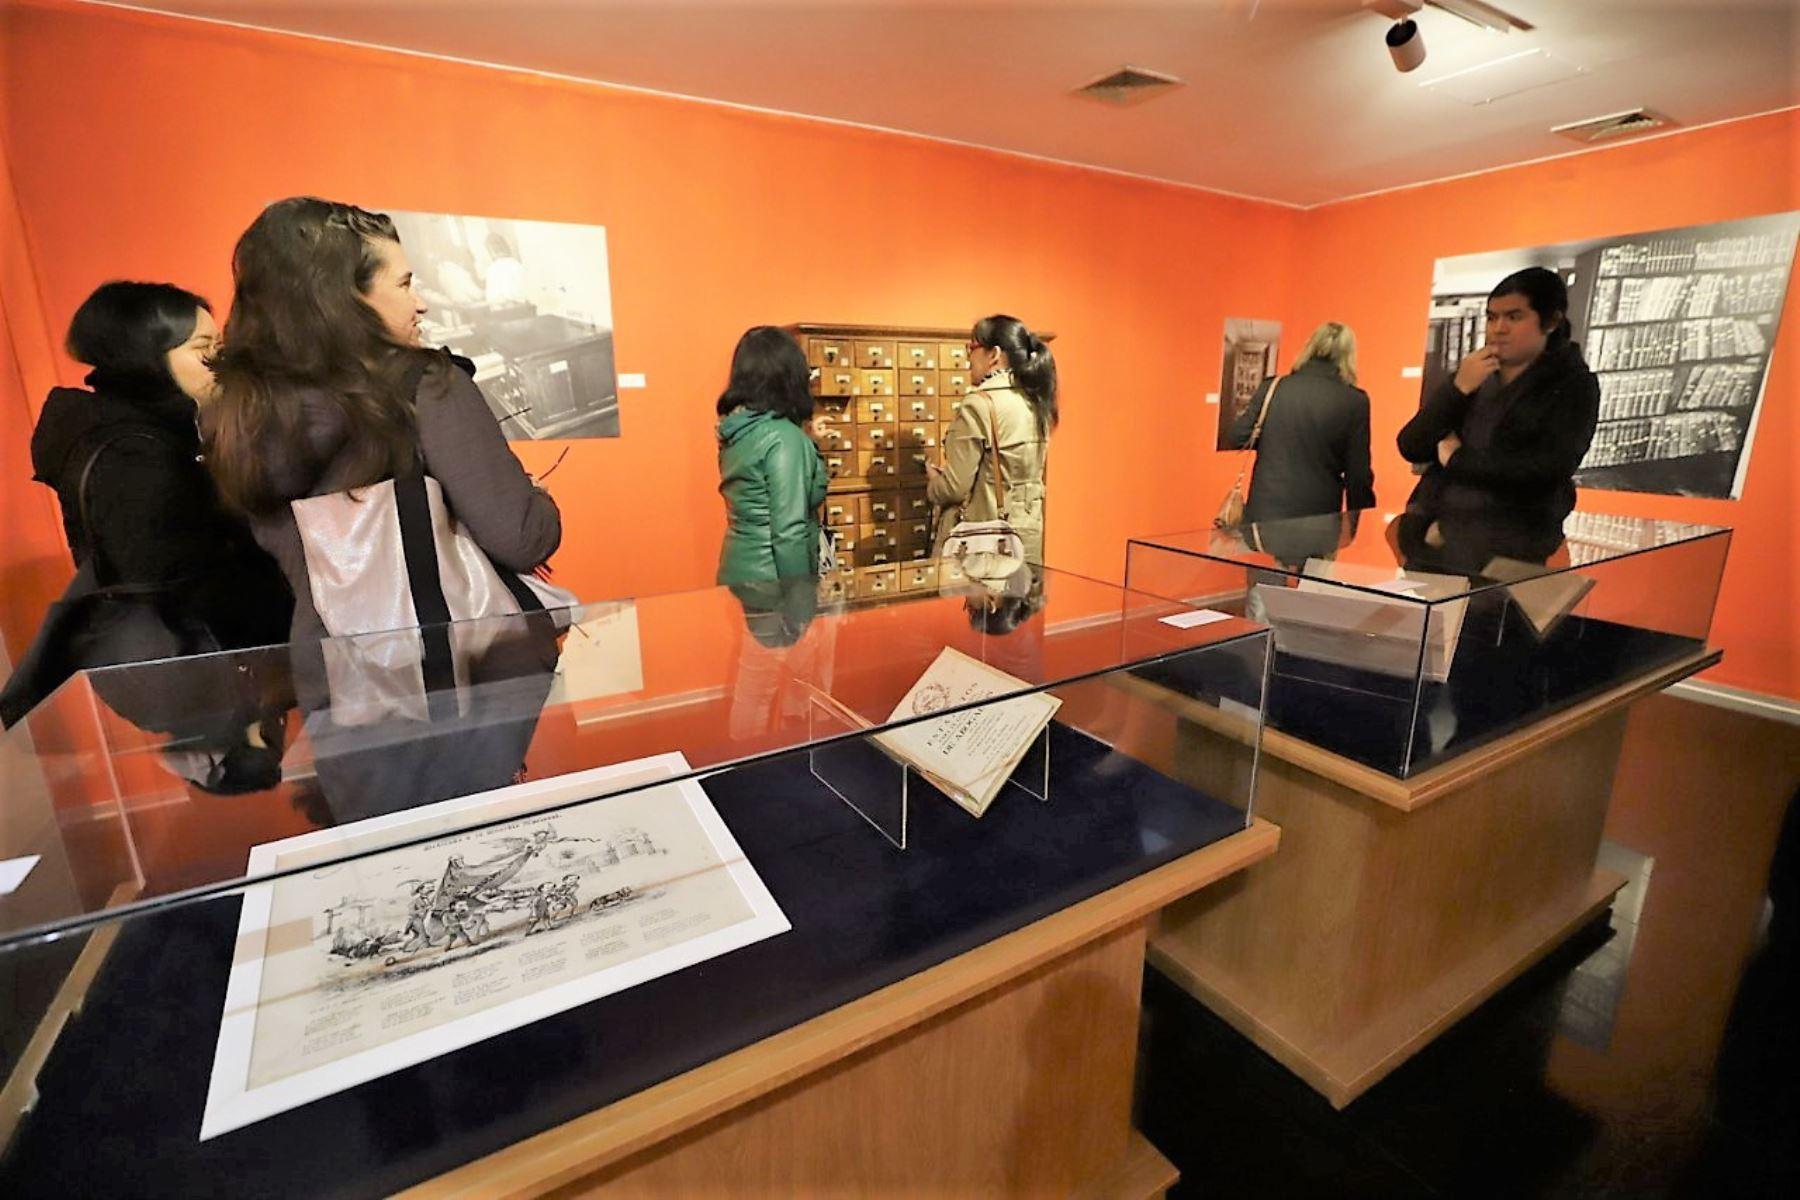 Muestra fotográfica y documental conmemora los 198 años de la Biblioteca Nacional del Perú.